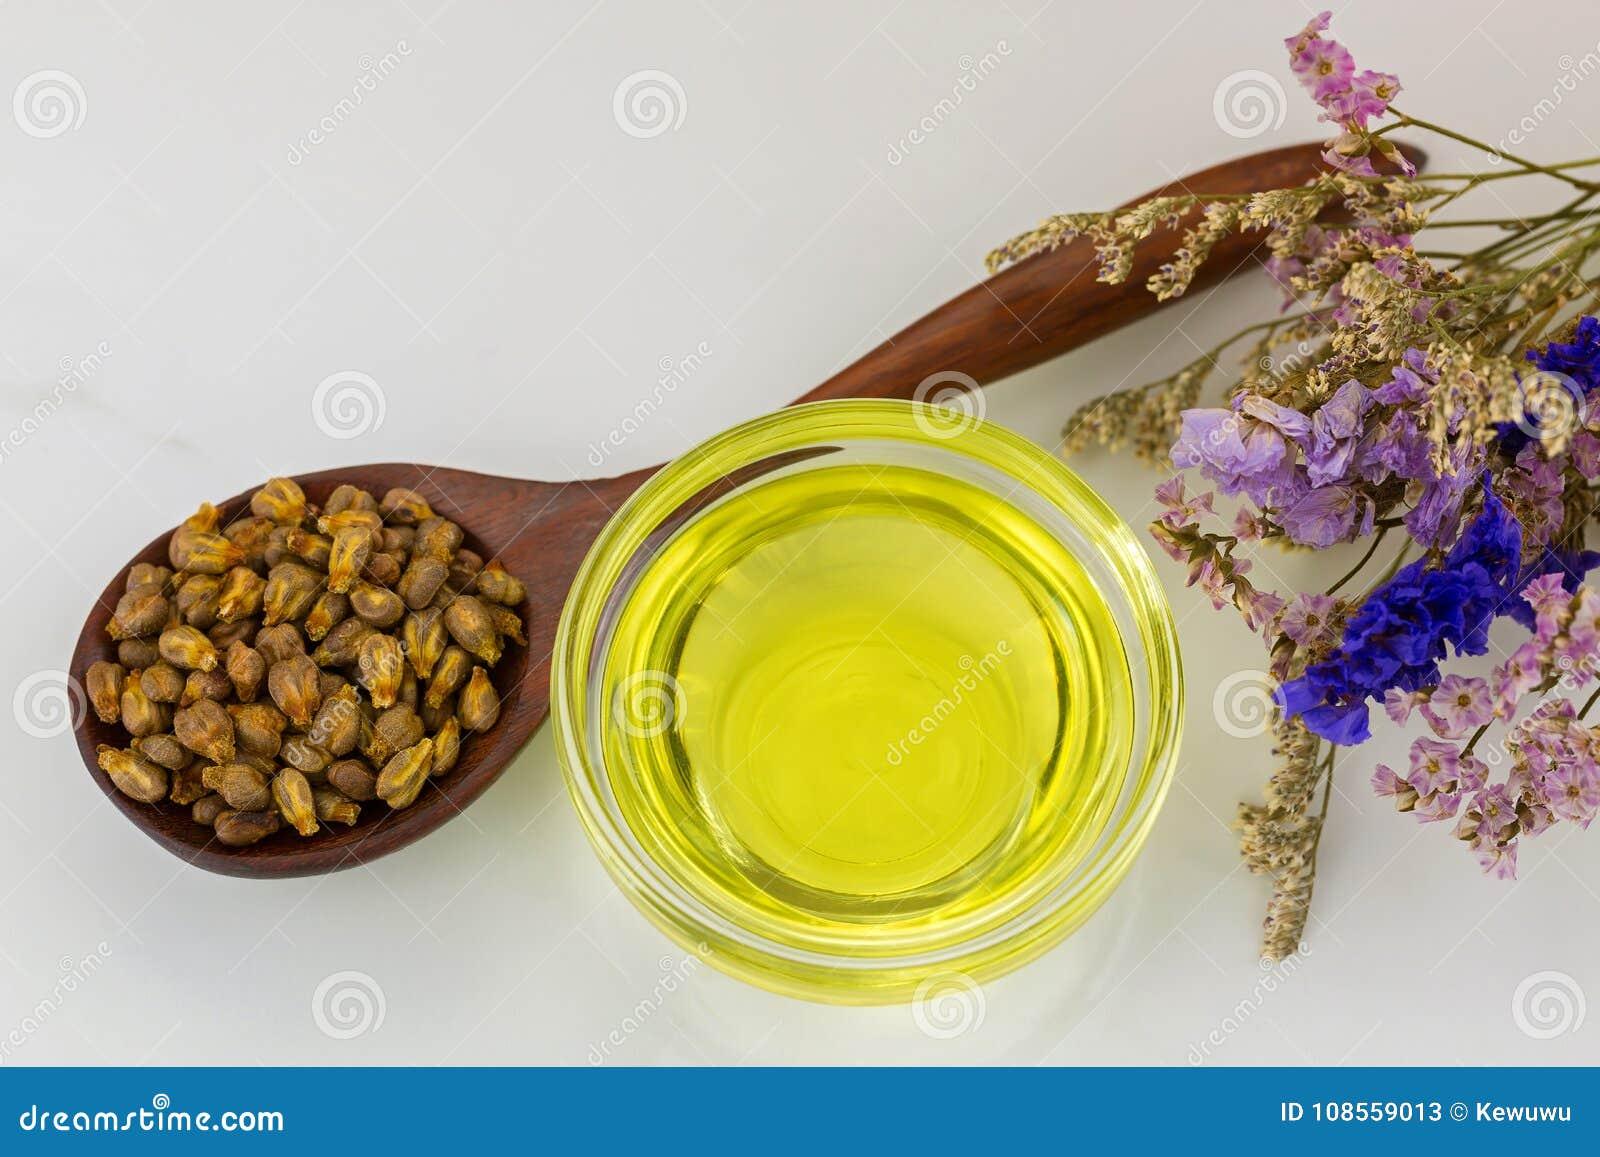 Organisk förkylning - pressande grapeseedolja i klar bunke med torkad grap